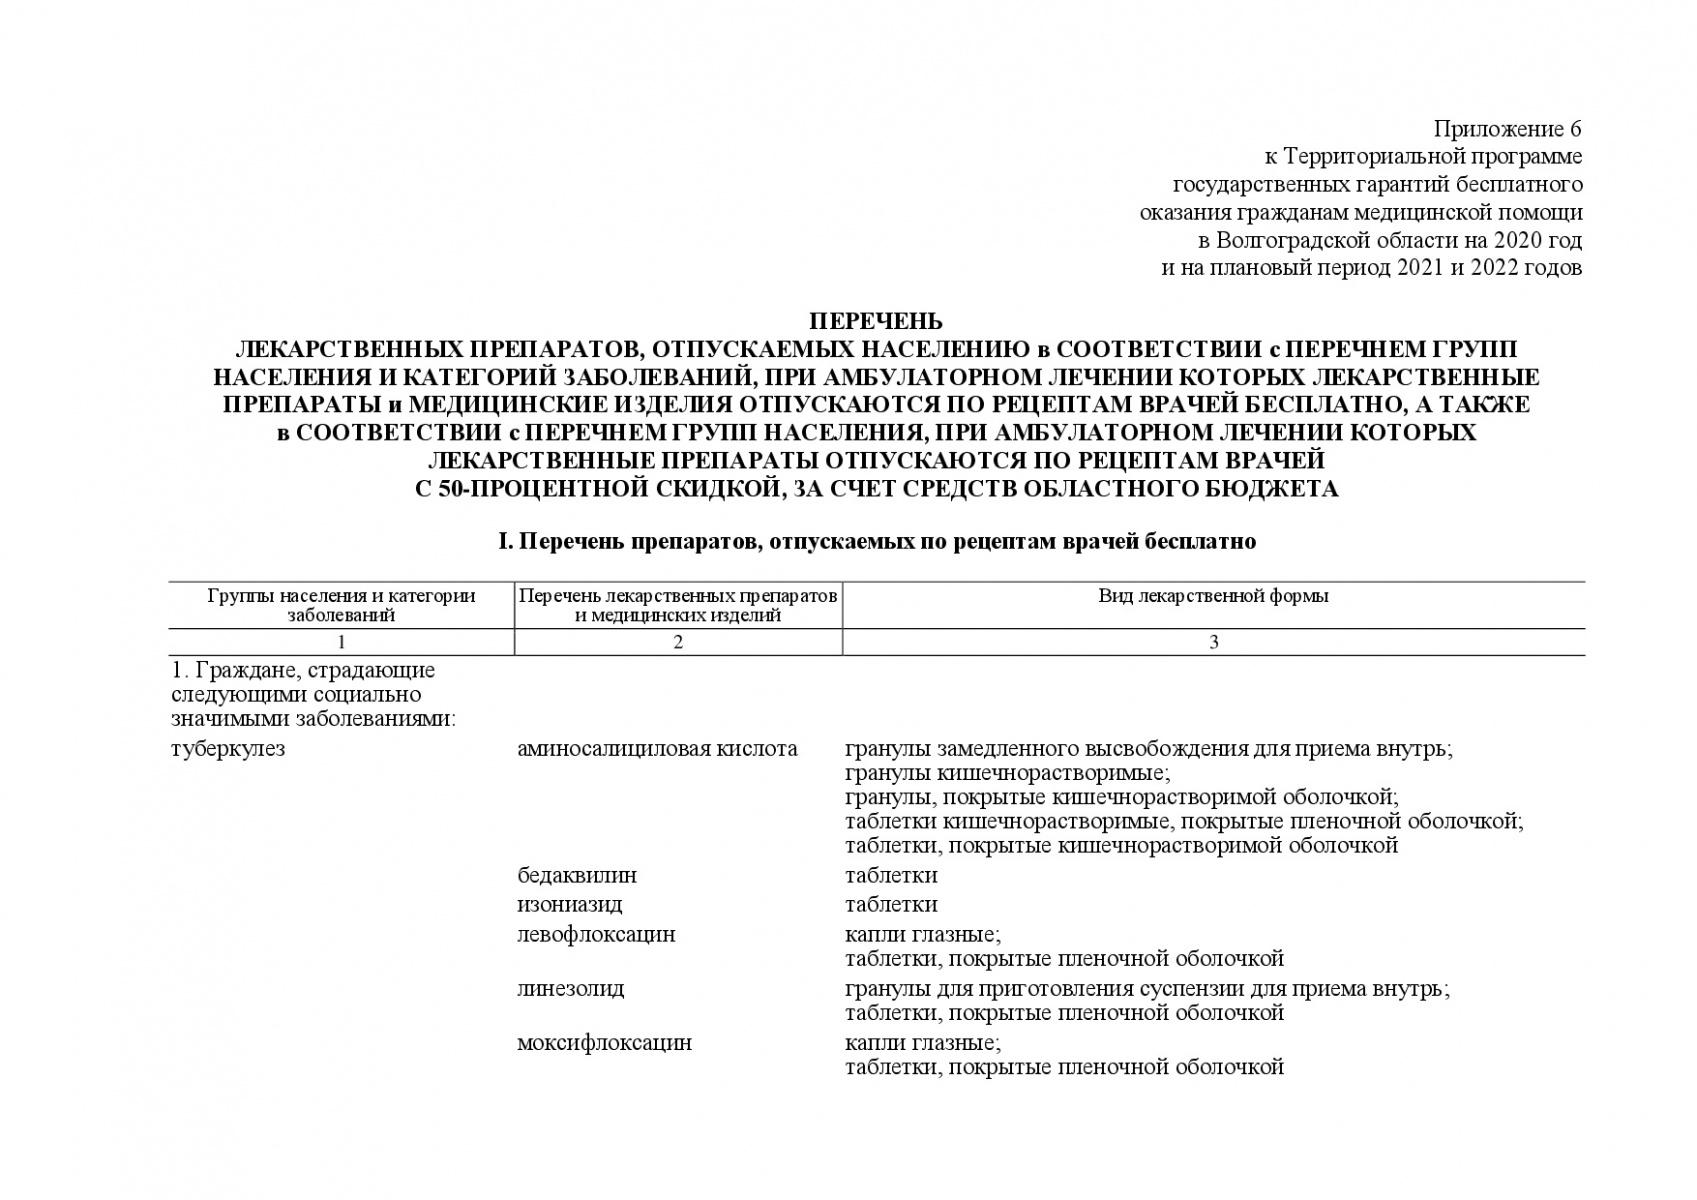 Prilozhenie-6-127-OD-001